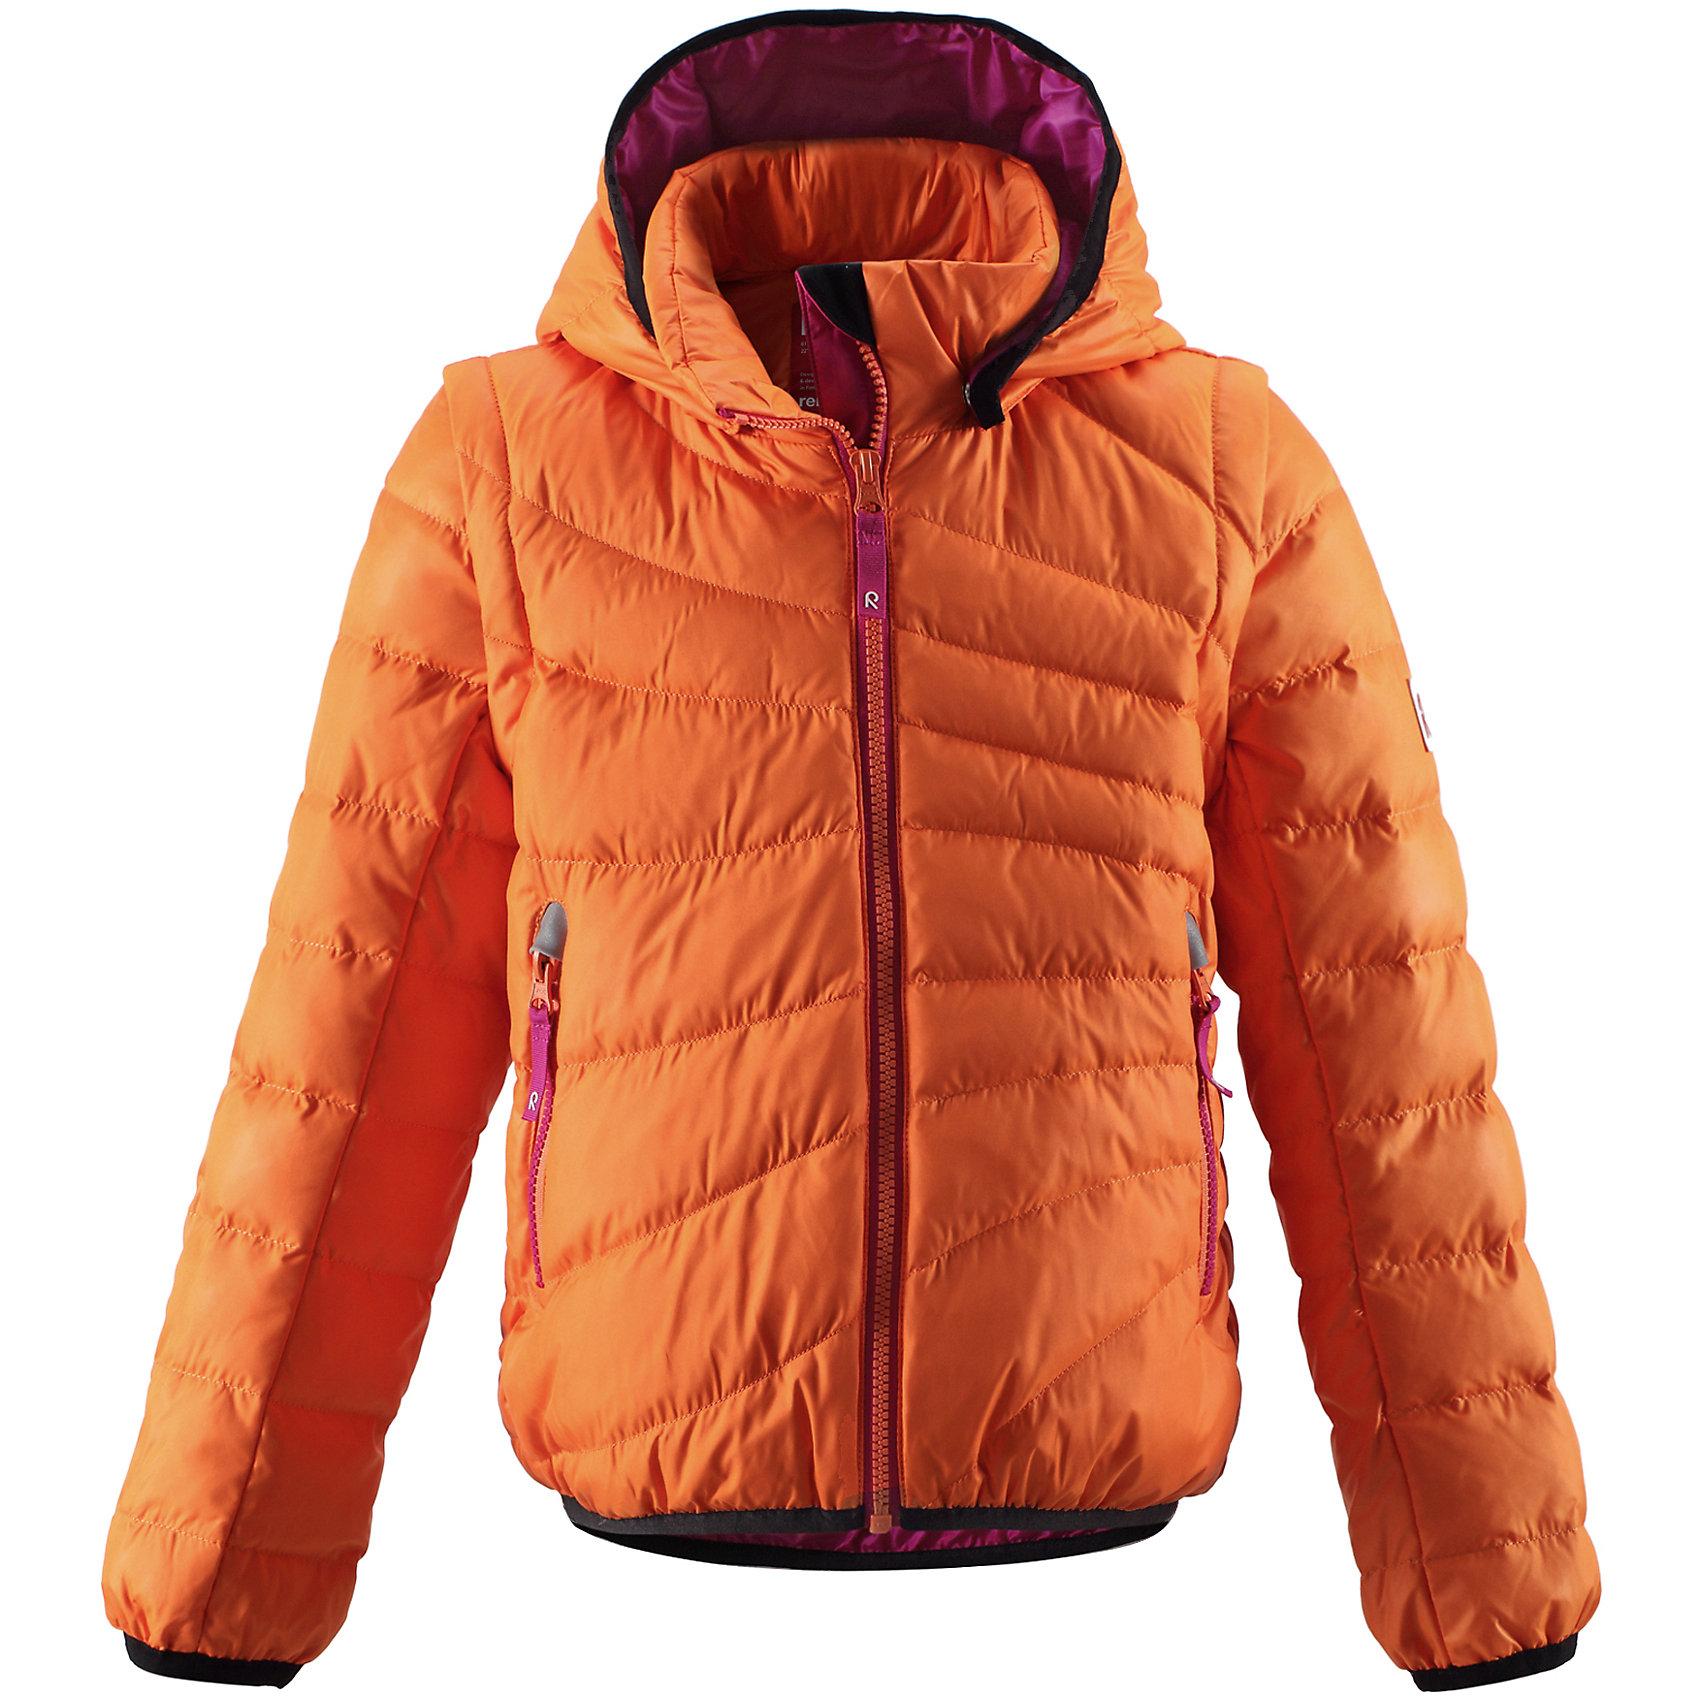 Куртка для девочки ReimaКуртка от финской марки Reima.<br>*Лёгкий пуховик для девочек-подростков<br>*Безопасный съёмный регулируемый капюшон <br>*Отстёгивающиеся рукава на молниях<br>*Эластичный кант на манжетах рукавов и по нижнему краю пуховика<br>*Молнии контрастного цвета <br>*Два боковых кармана на молниях<br><br>Состав:<br>100% ПЭ<br><br>Ширина мм: 356<br>Глубина мм: 10<br>Высота мм: 245<br>Вес г: 519<br>Цвет: оранжевый<br>Возраст от месяцев: 48<br>Возраст до месяцев: 60<br>Пол: Женский<br>Возраст: Детский<br>Размер: 146,104,116,122,128,134,110,140,152,164,158<br>SKU: 4632094